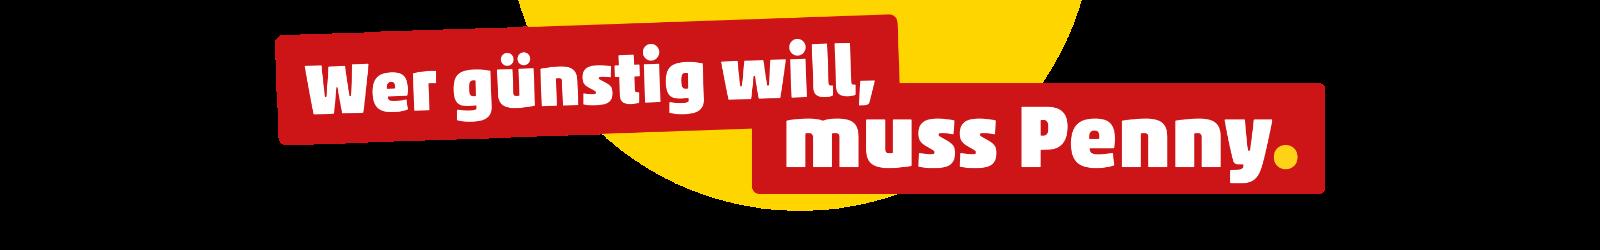 wer-guenstig-will-muss-penny